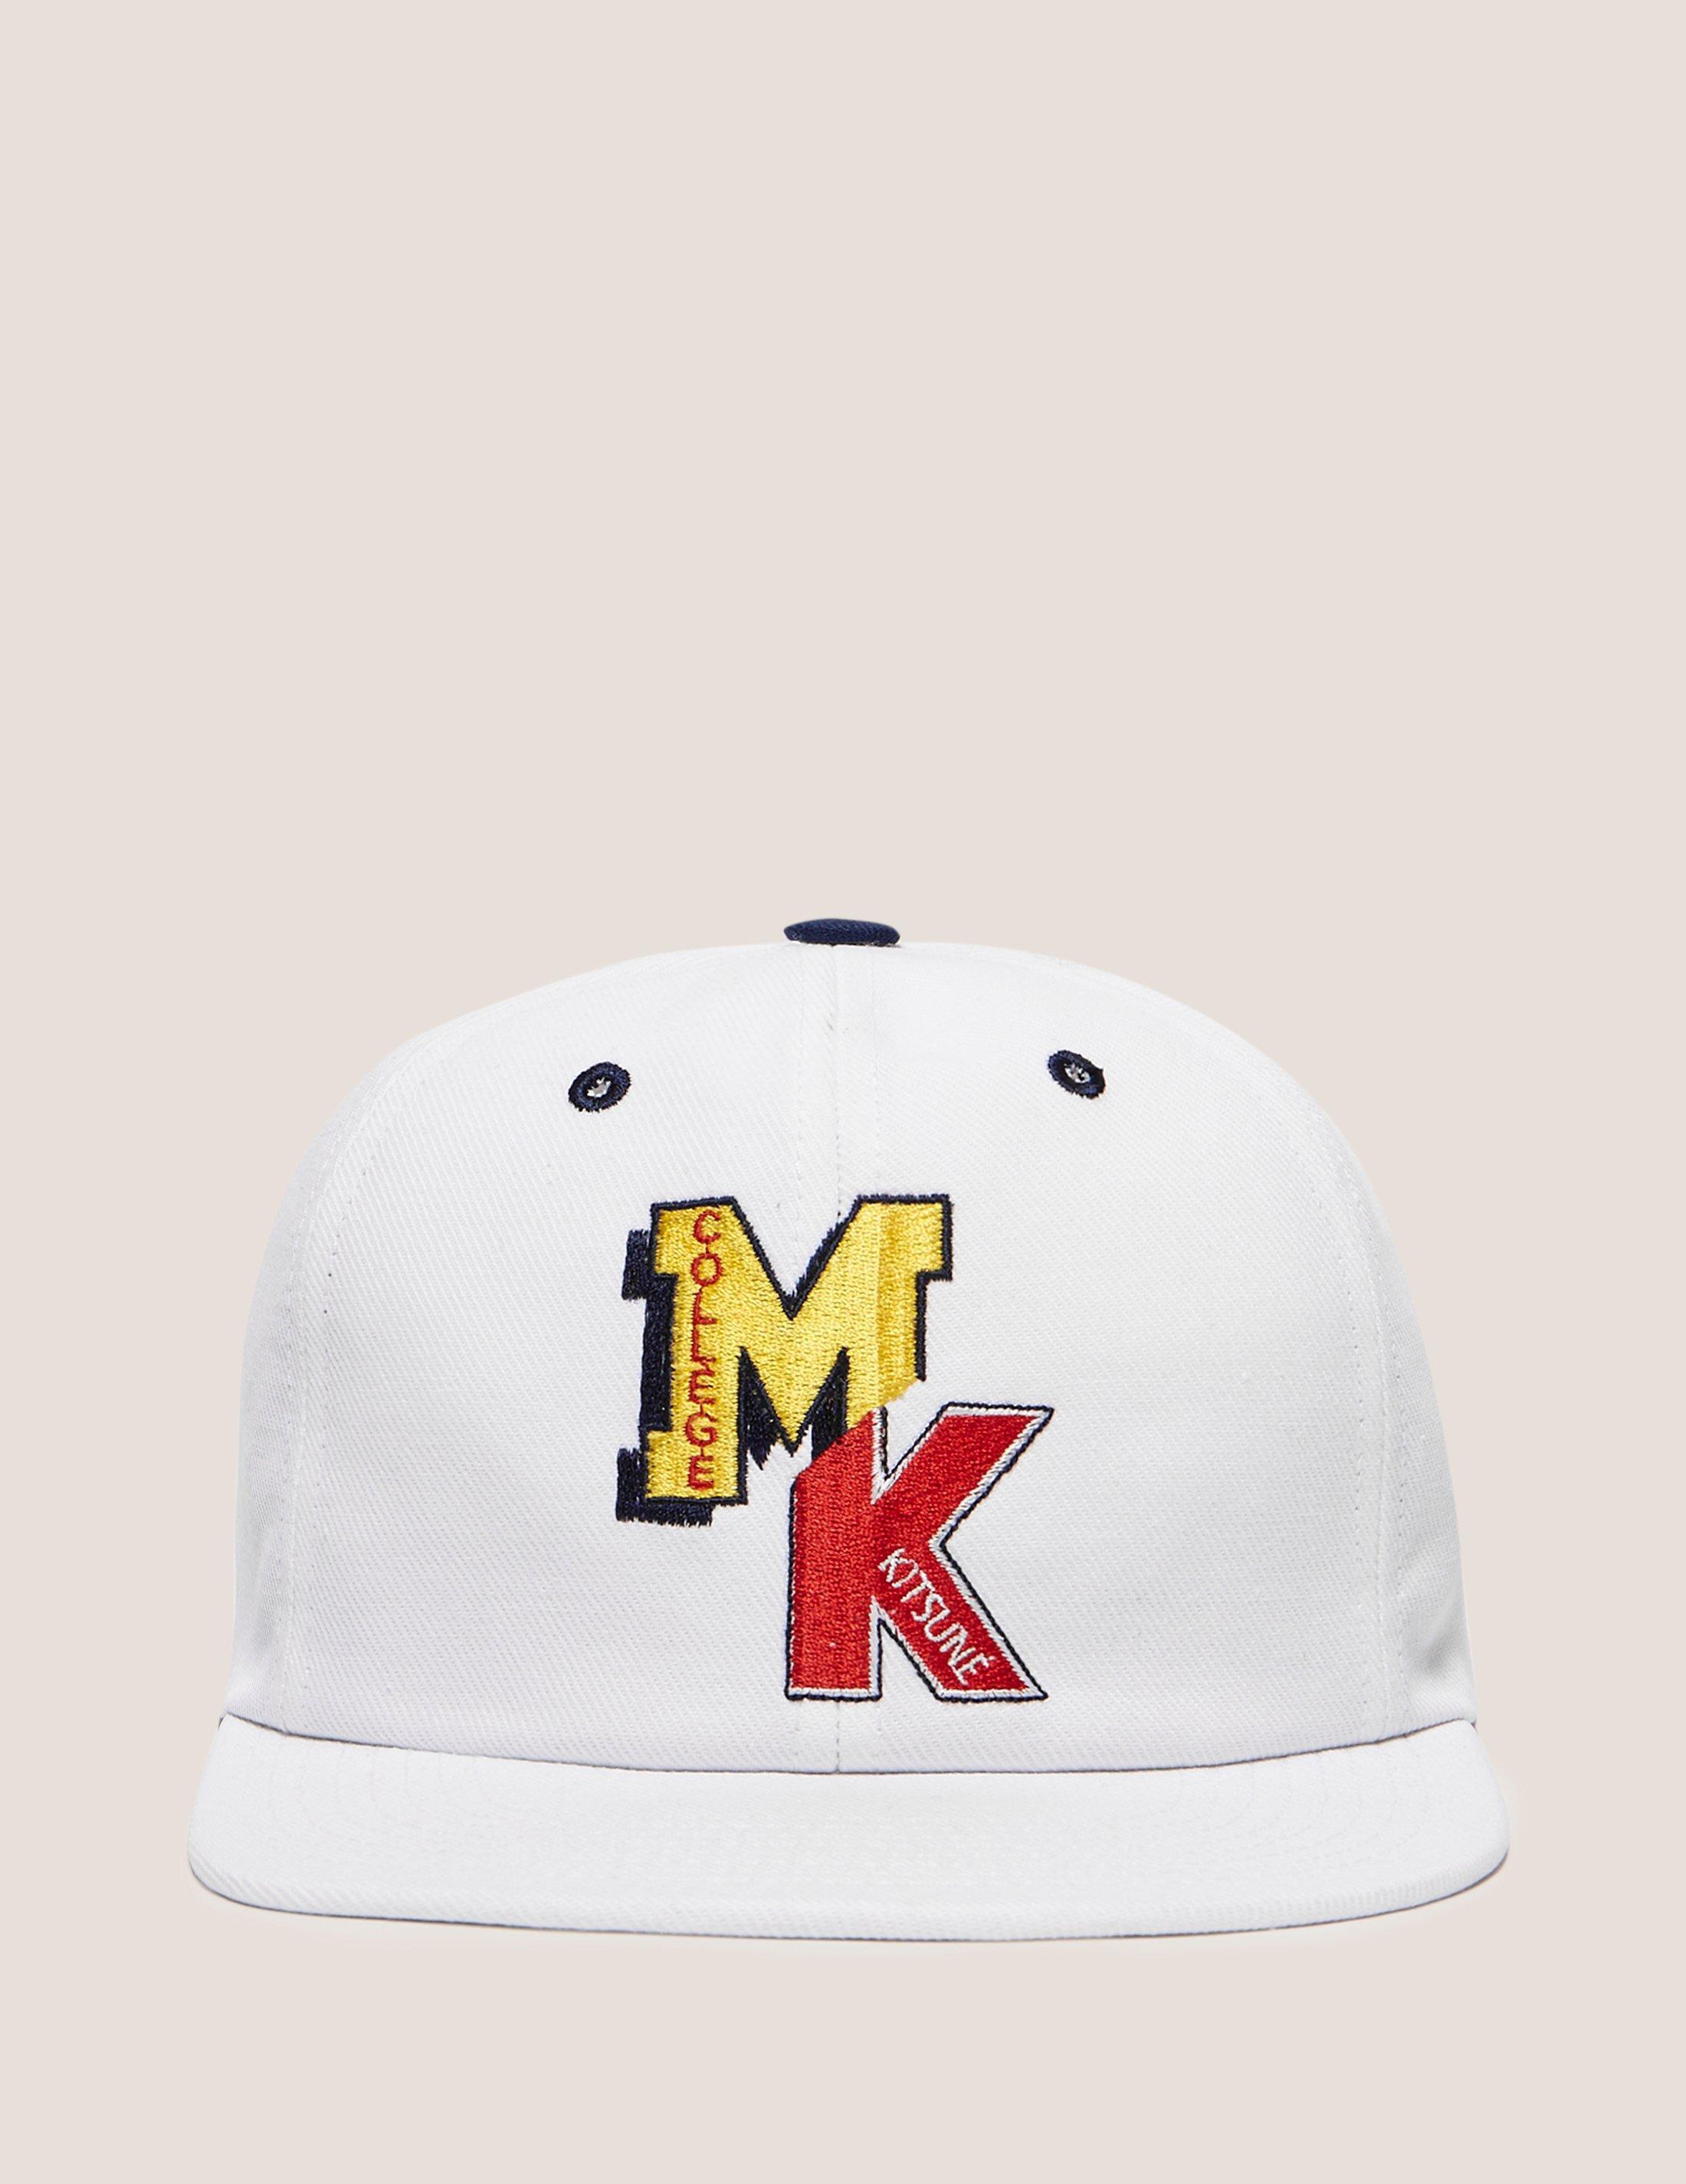 Lyst - Maison Kitsuné Mens College Cap White in White for Men b73915608bb6